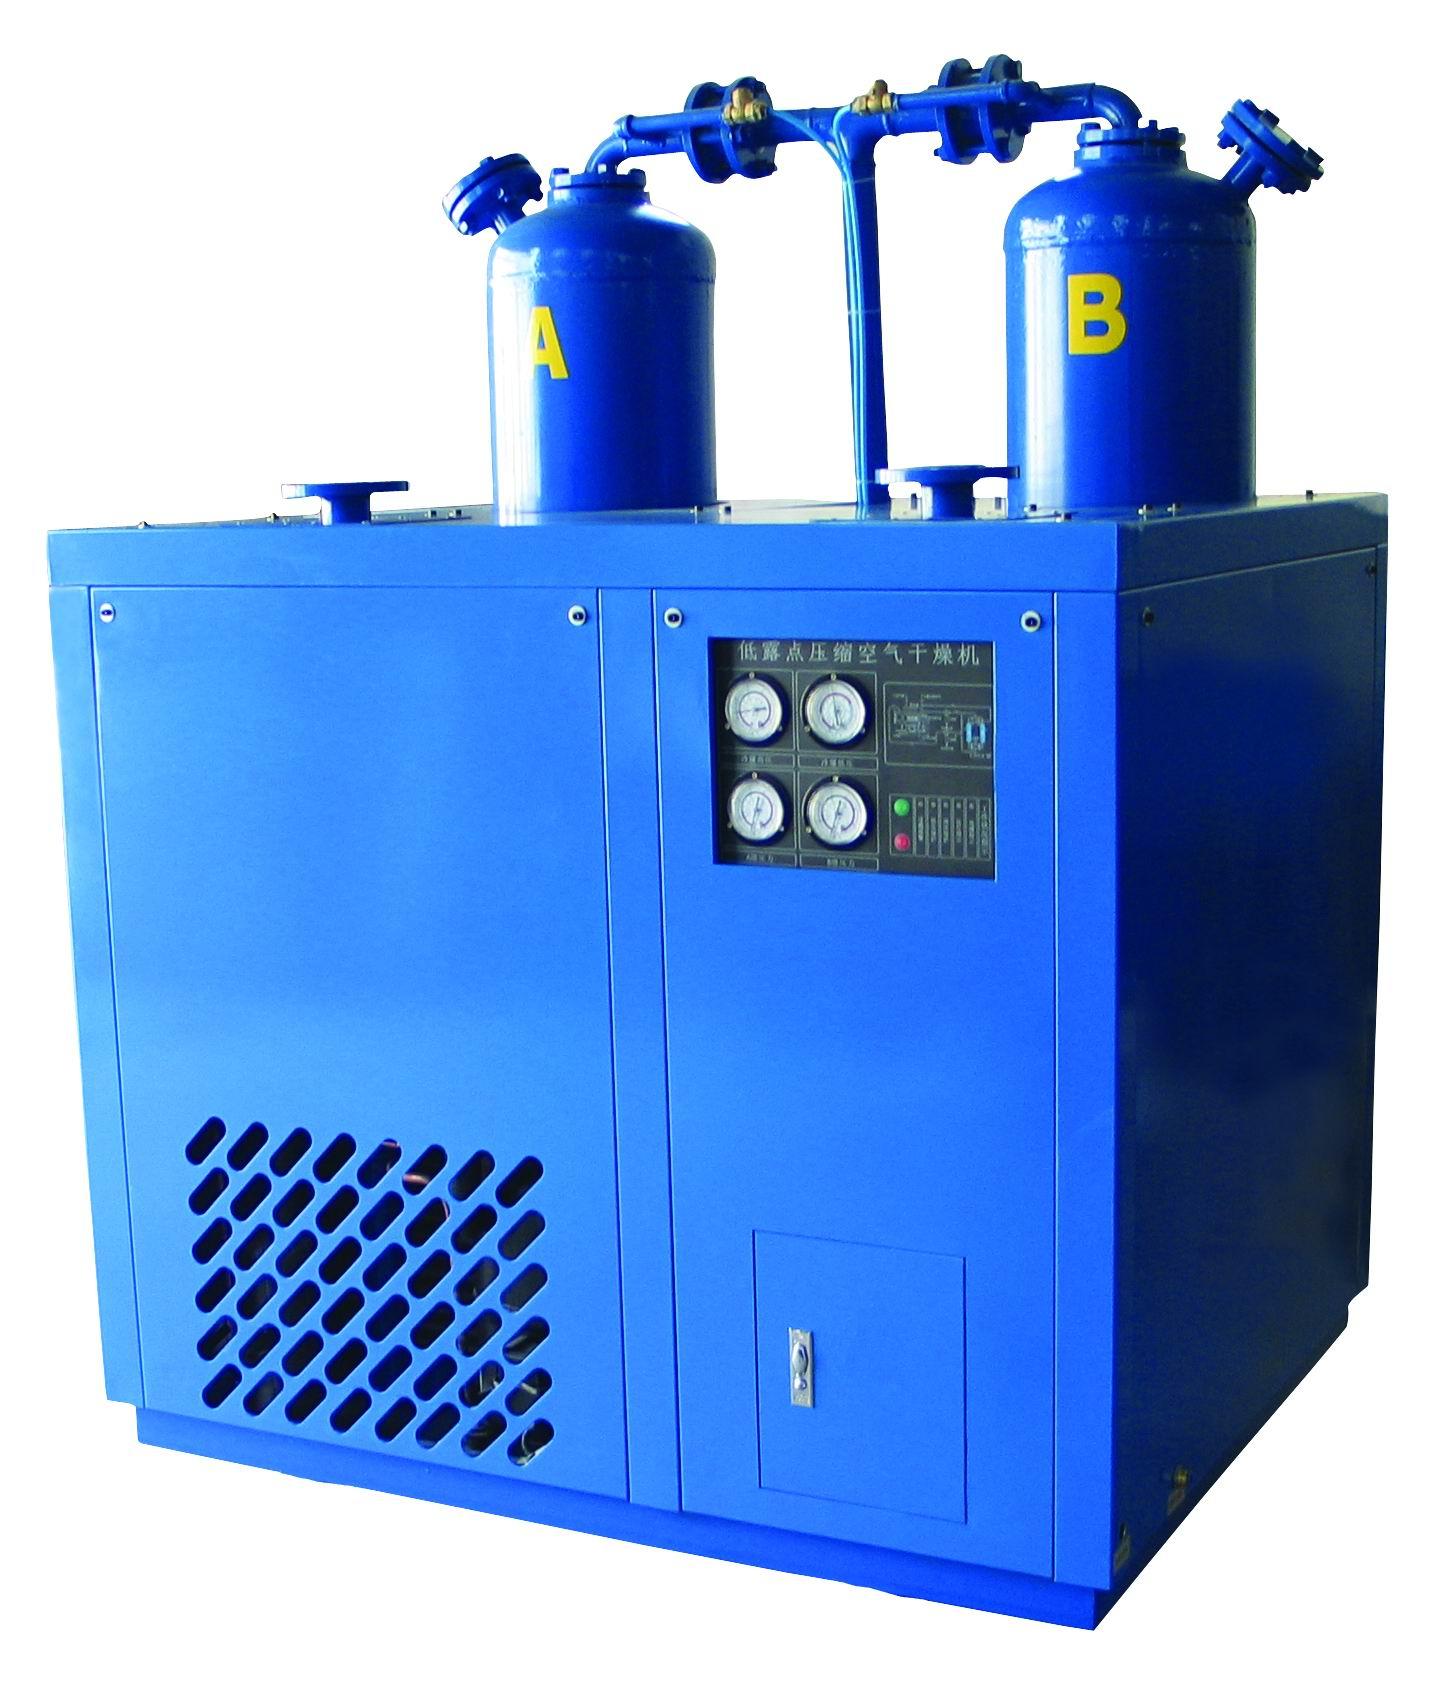 黑龙江哈尔滨空压机节能风冷型冷冻式干燥机